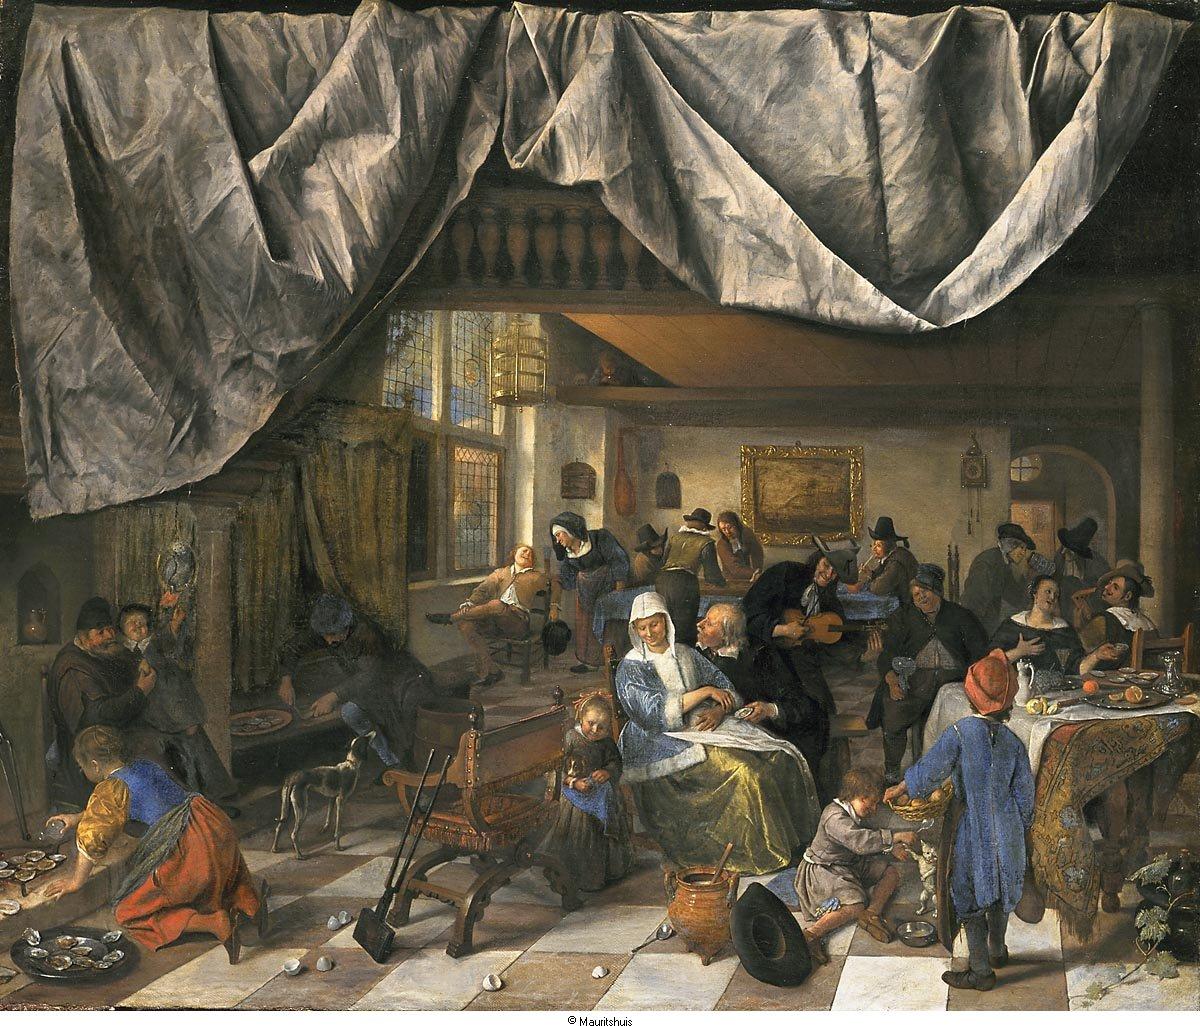 39 het toneel van de wereld 39 het geheugen van nederland online beeldbank van archieven musea - Vloerlamp van de wereld ...